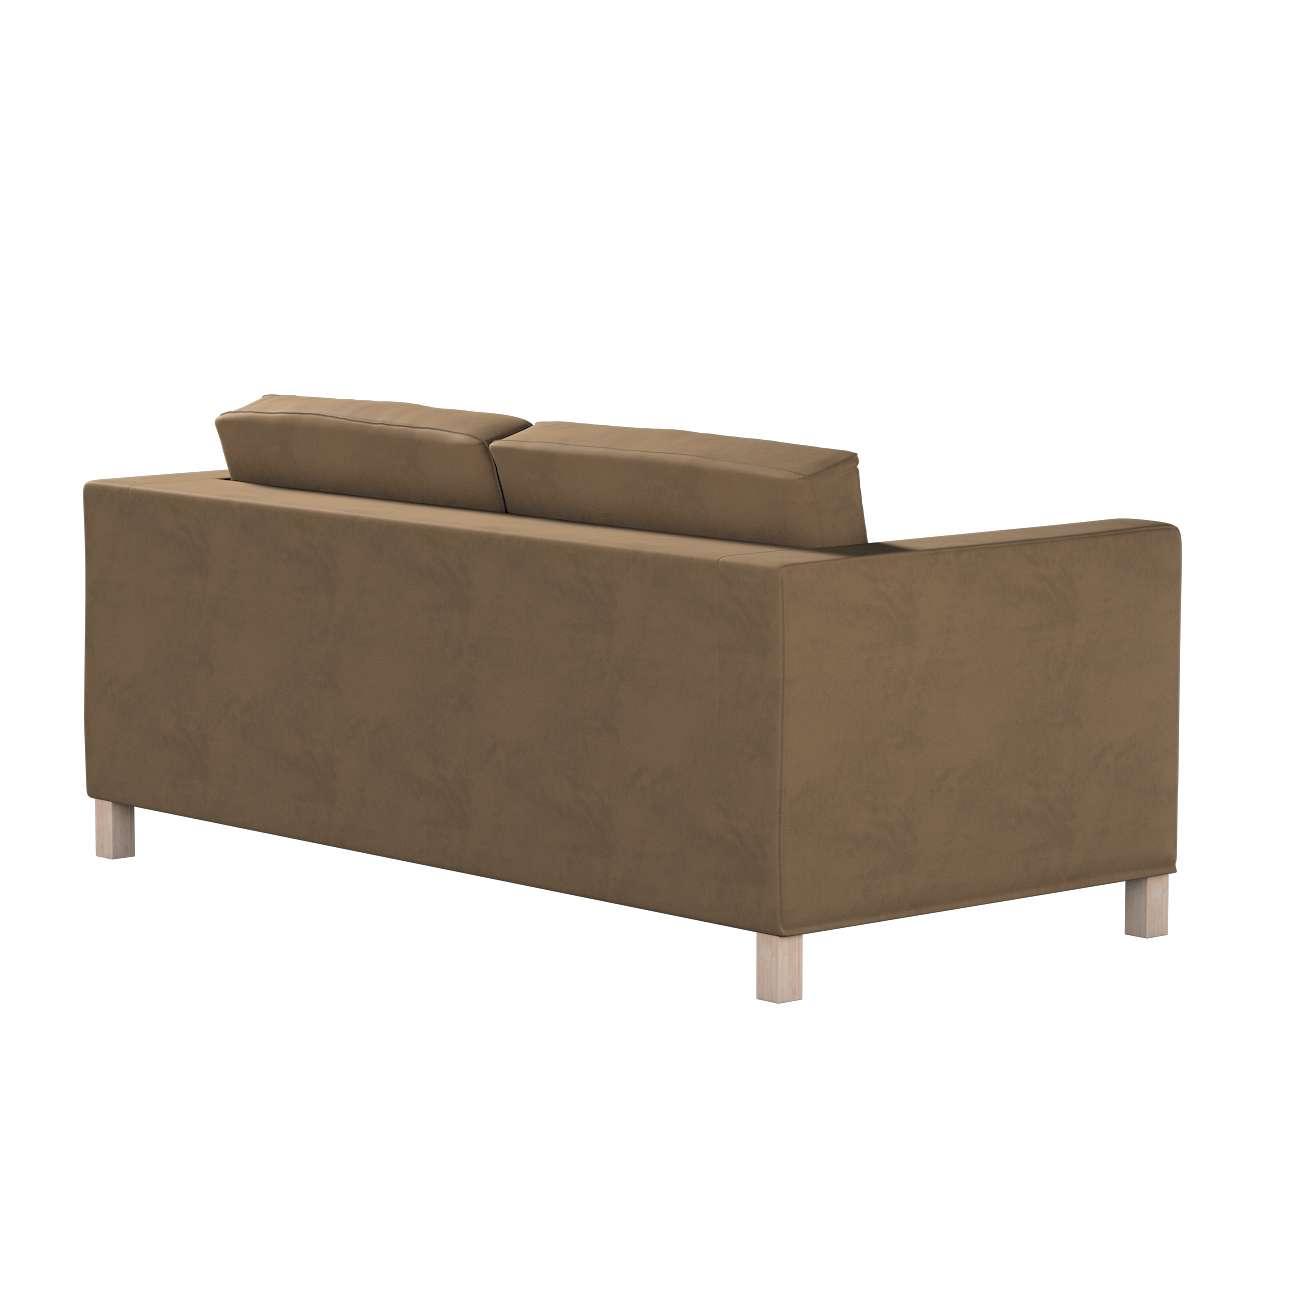 Pokrowiec na sofę Karlanda rozkładaną, krótki w kolekcji Living, tkanina: 160-94